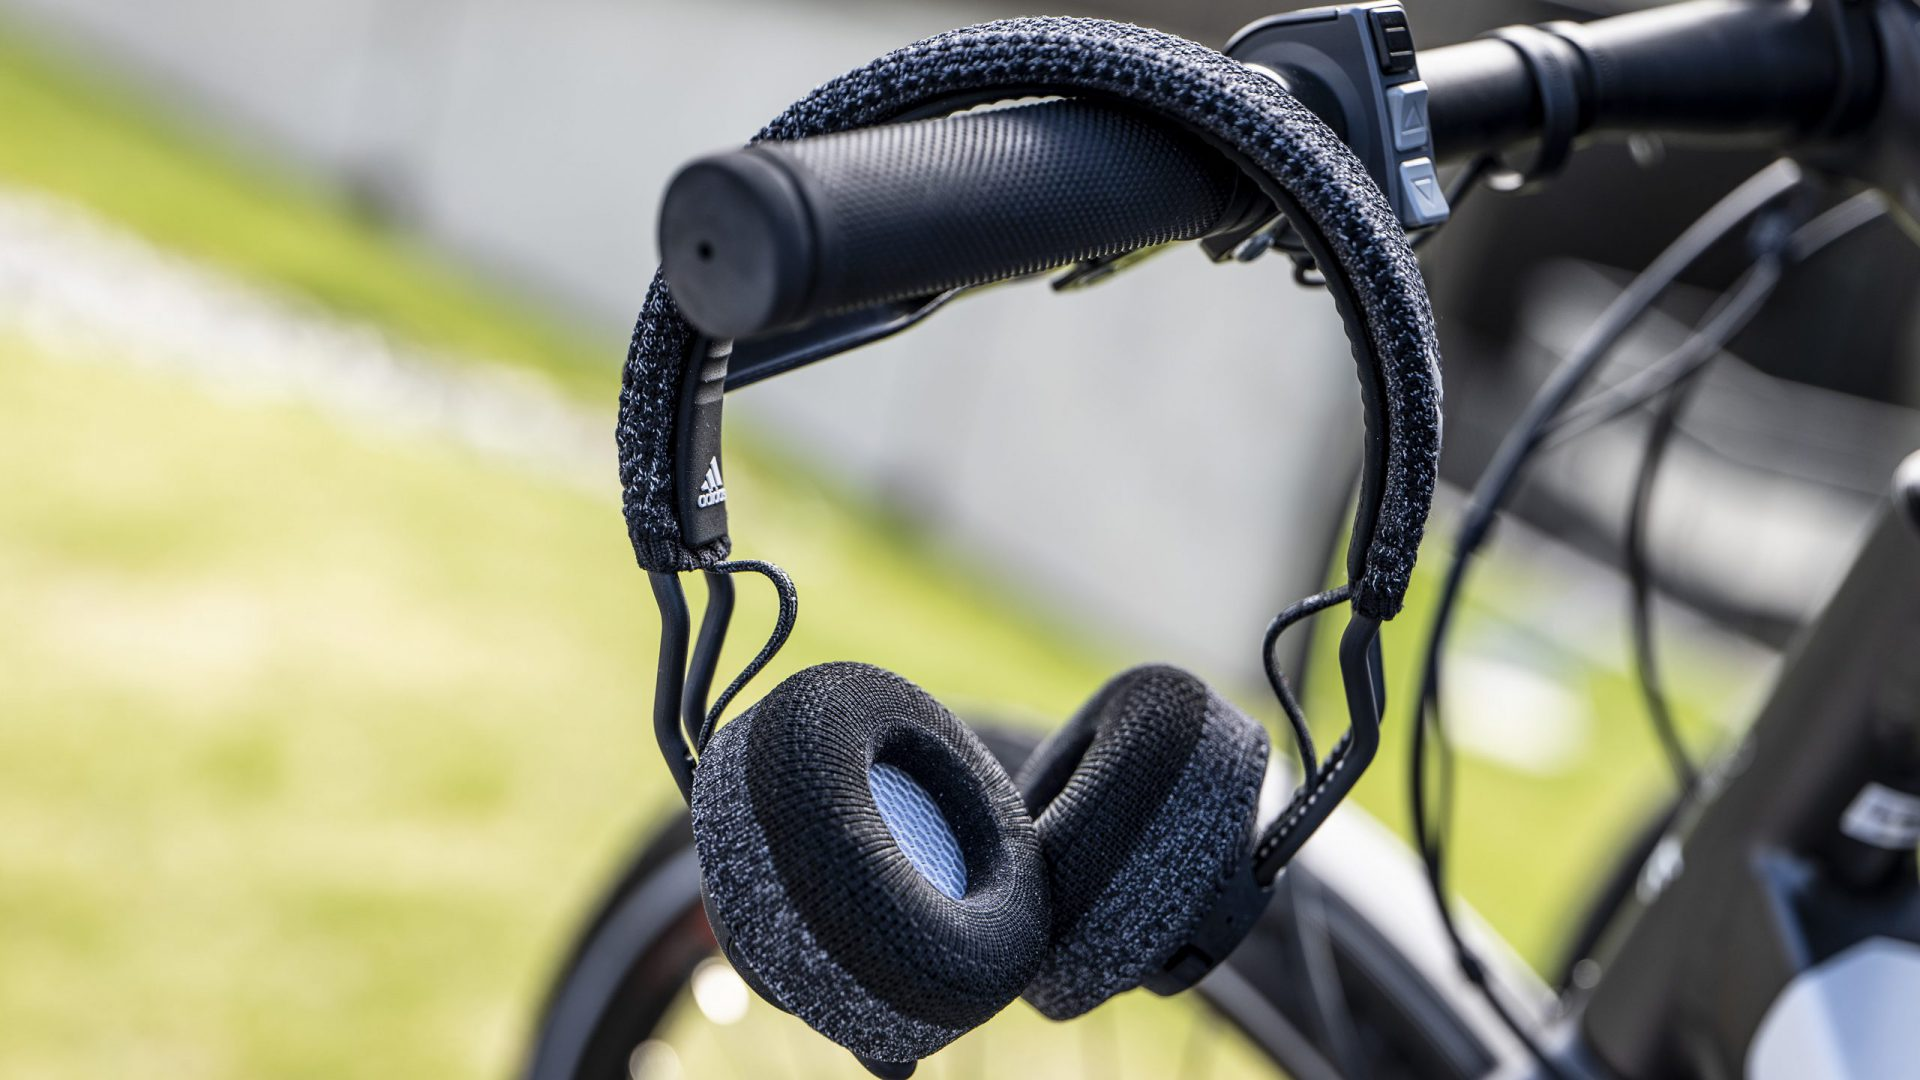 Adidas SPT-01 & bike handlebar - SPREAD